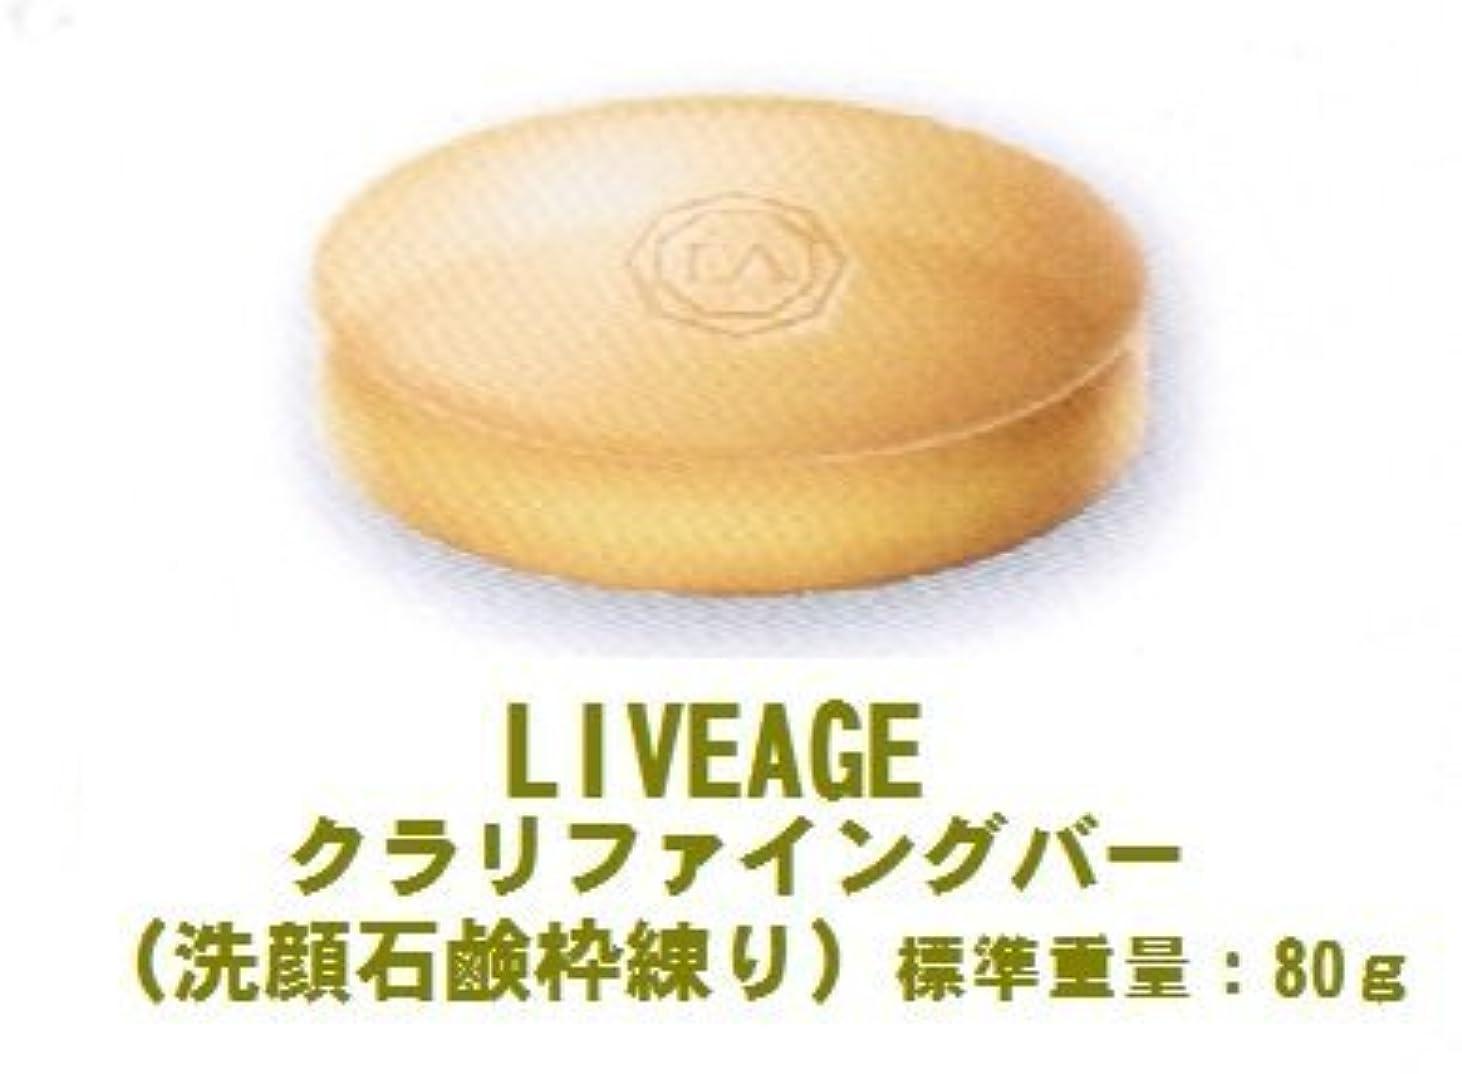 家事をする荒廃する乏しいLIVEAGE(ライヴァージュ)クラリファイング バー(洗顔石鹸 枠練り)標準重量80g